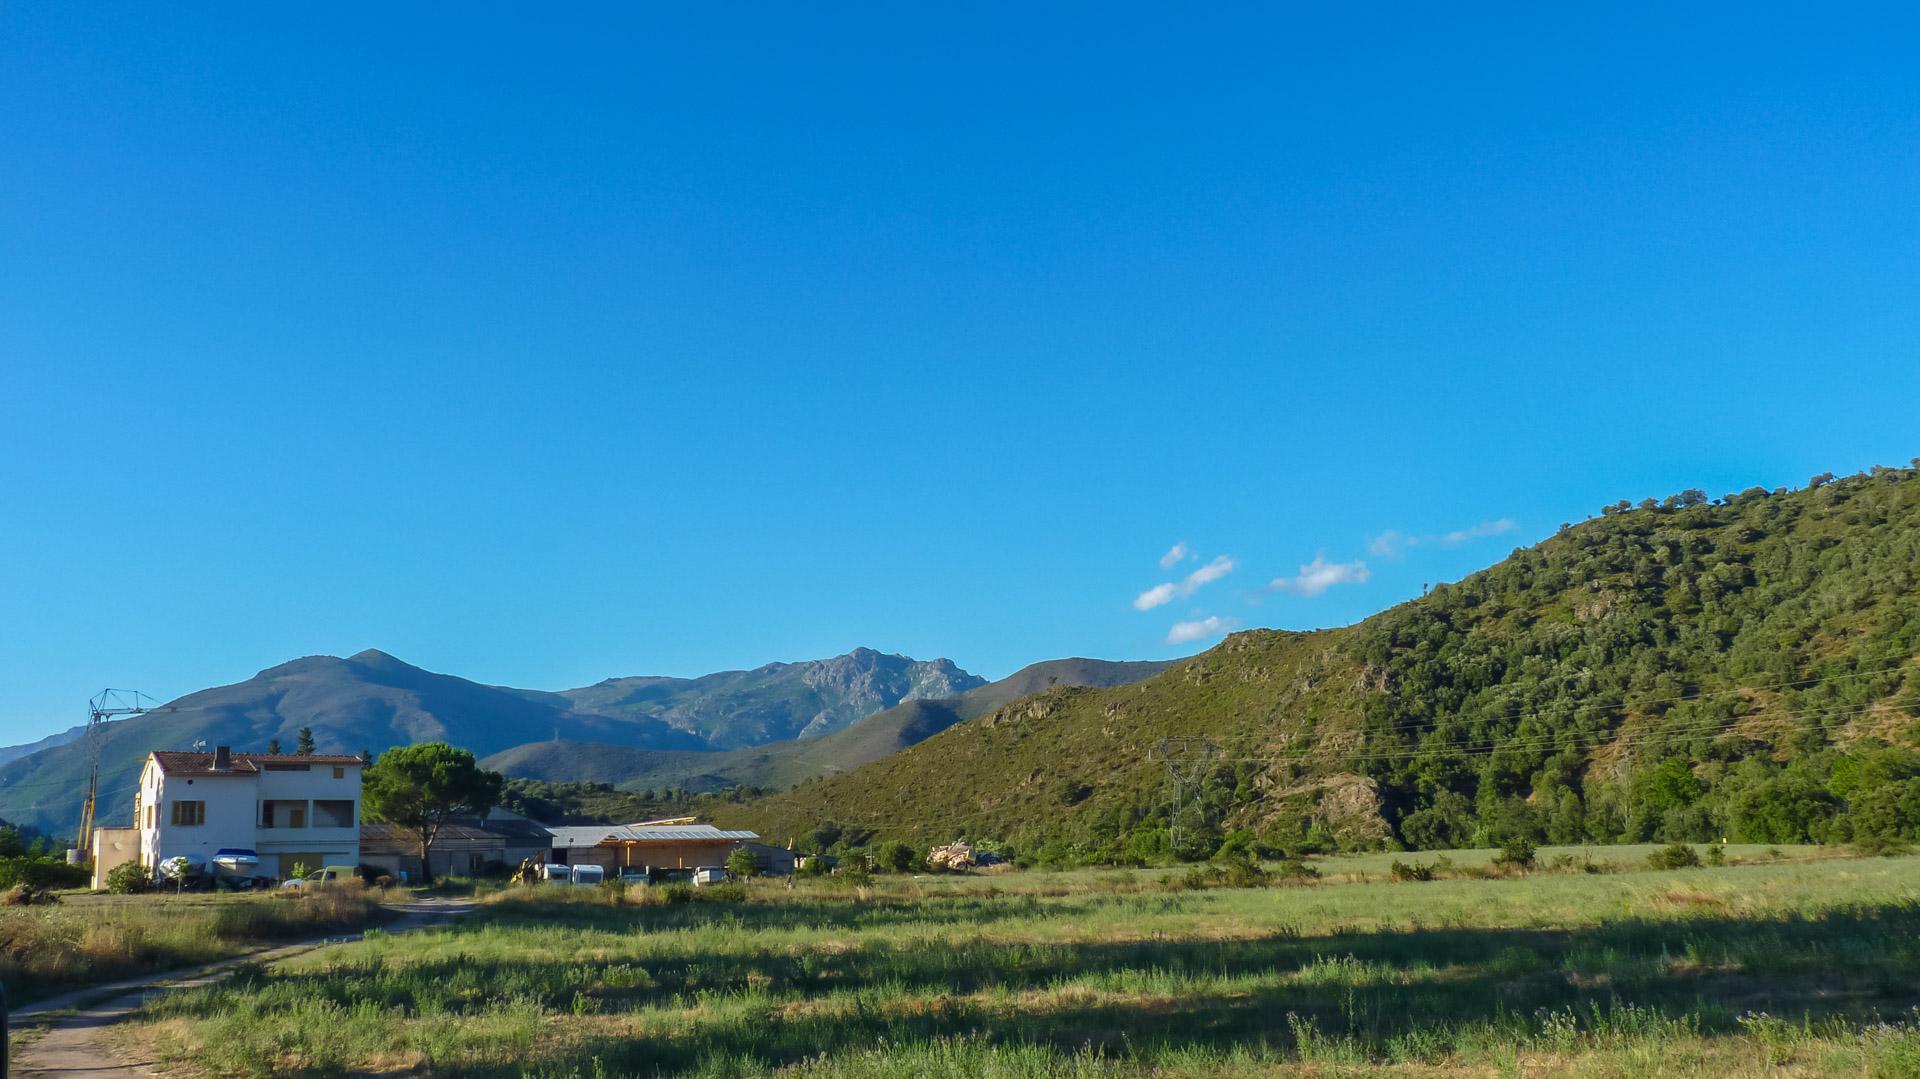 Camping Domaine de Griggione